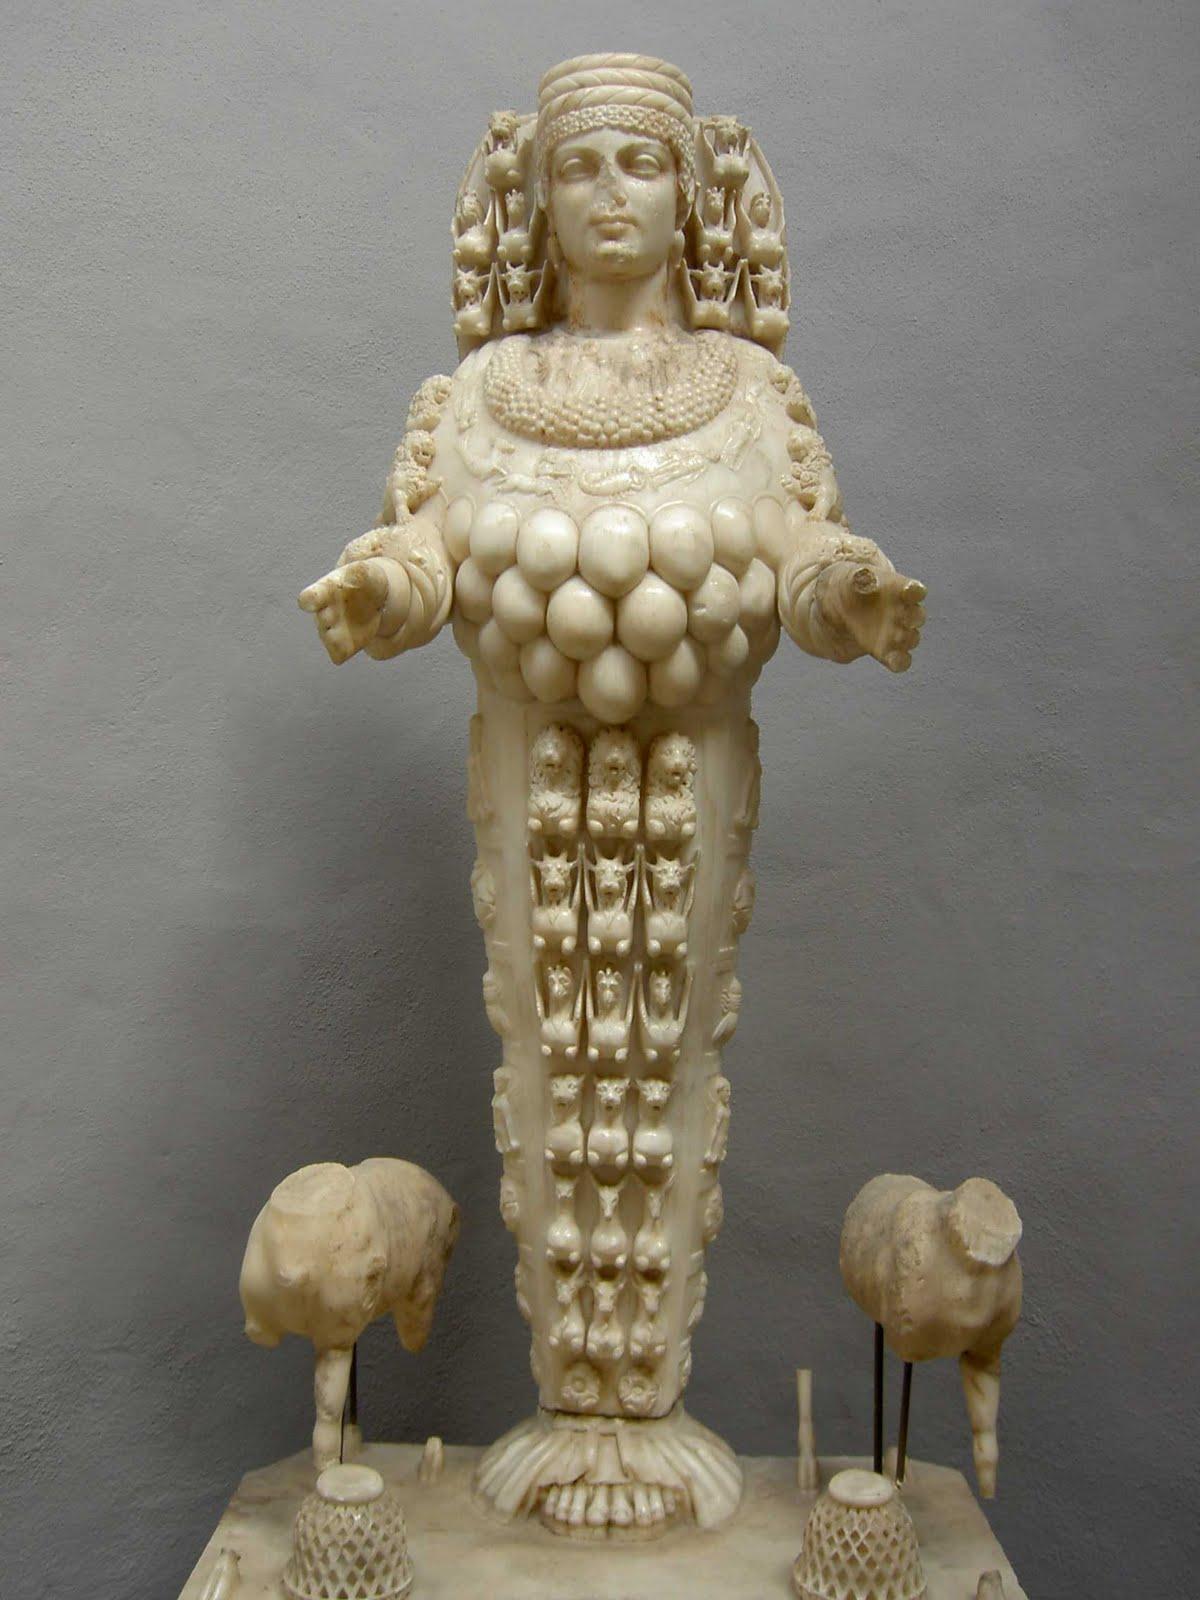 Артемида Эфесская. Эфесский археологический музей. Турция